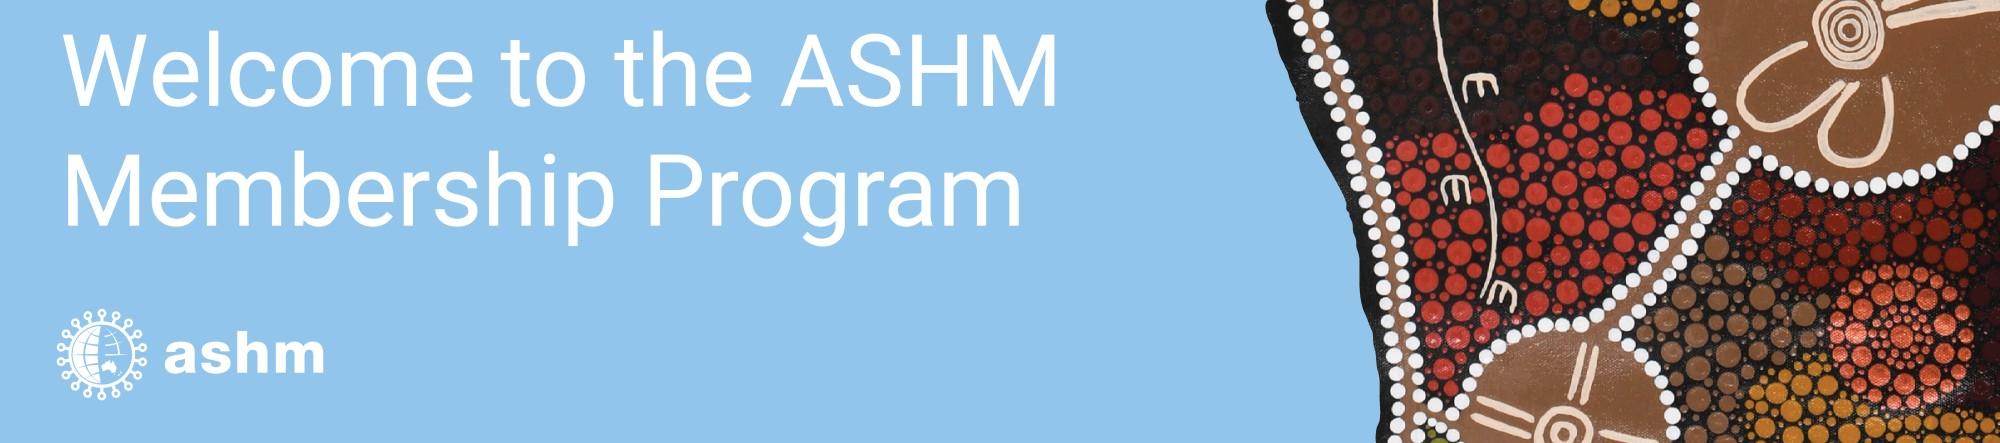 ASHM Membership